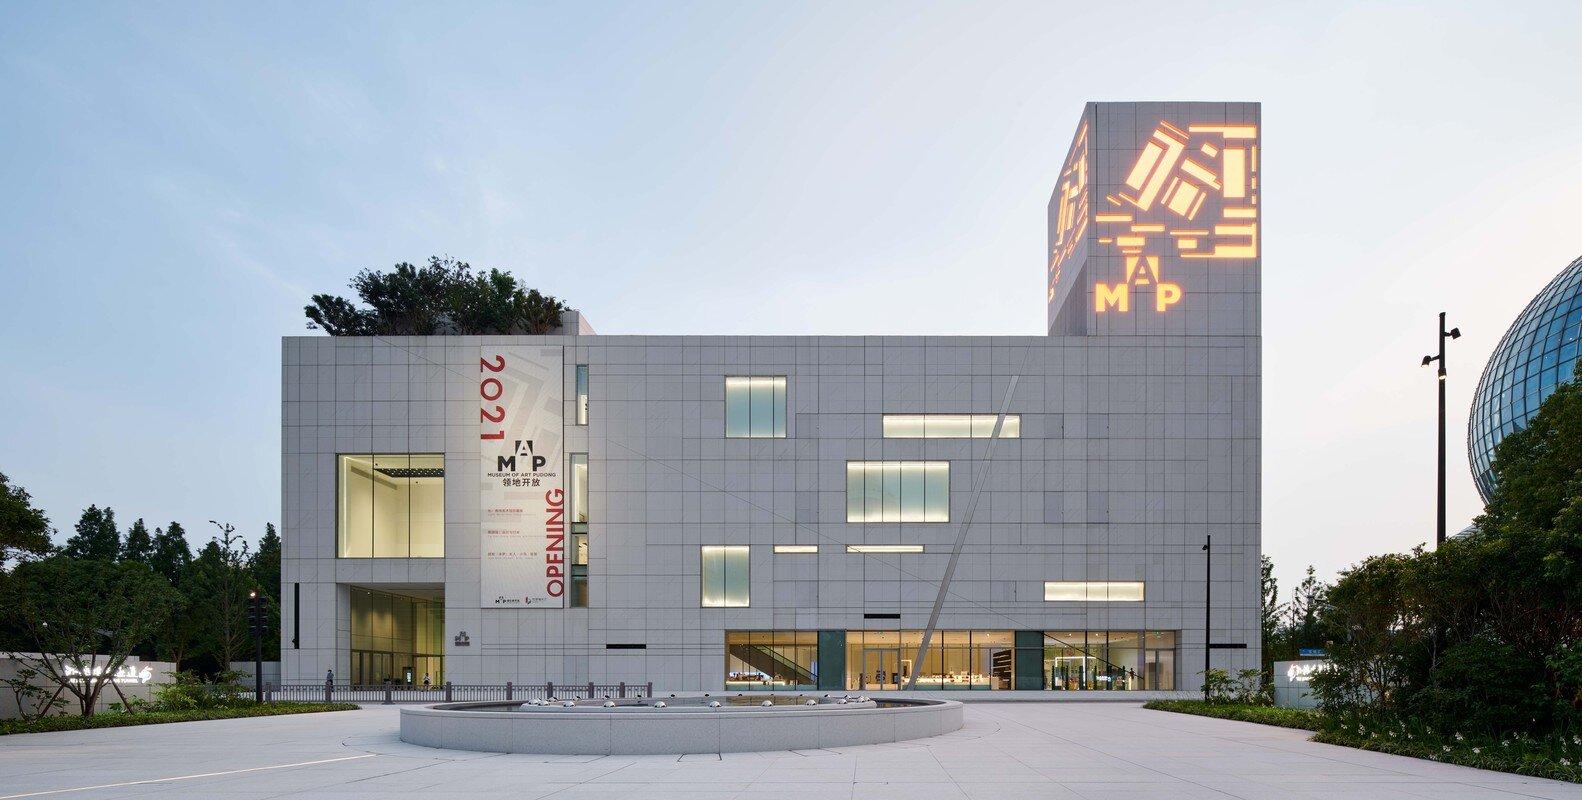 se-inaugura-el-museo-de-arte-diseñado-por-jean-nouvel-1-alt